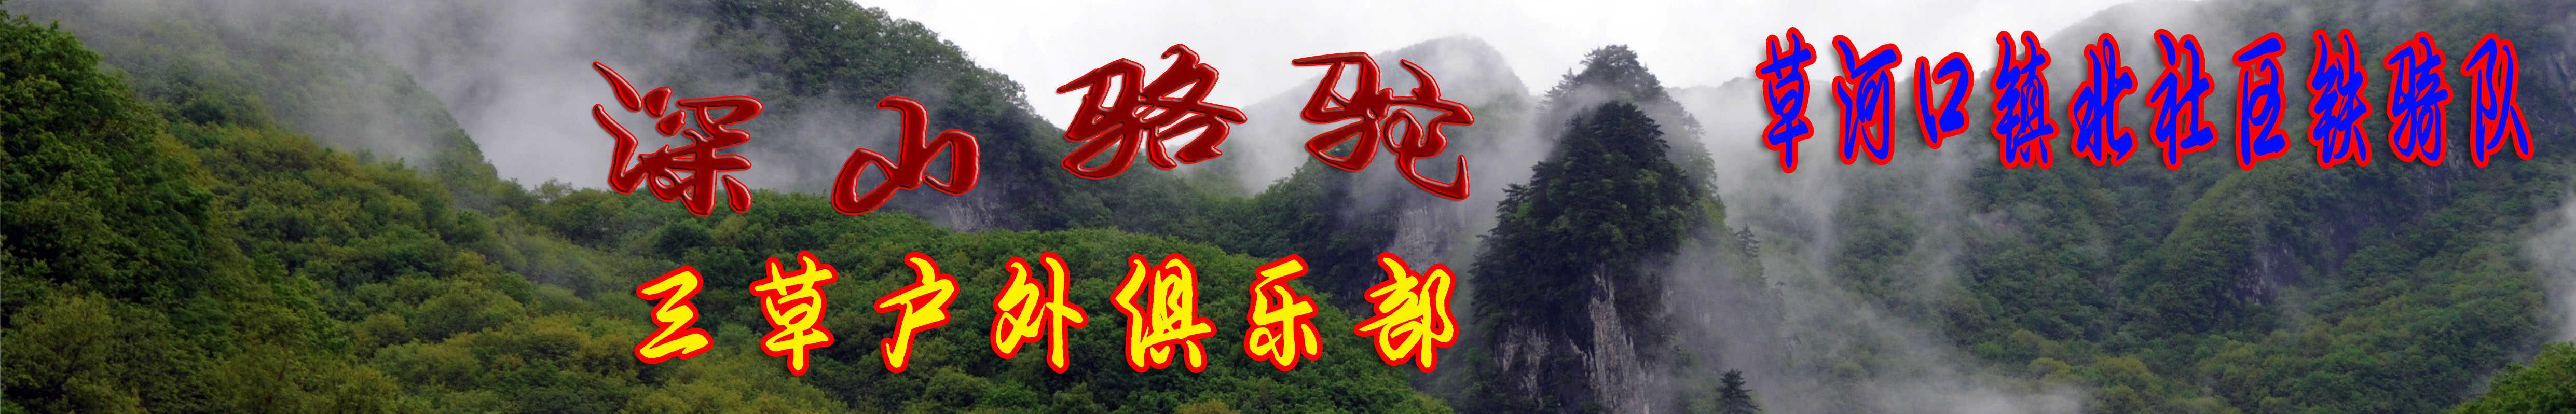 深山骆驼 banner